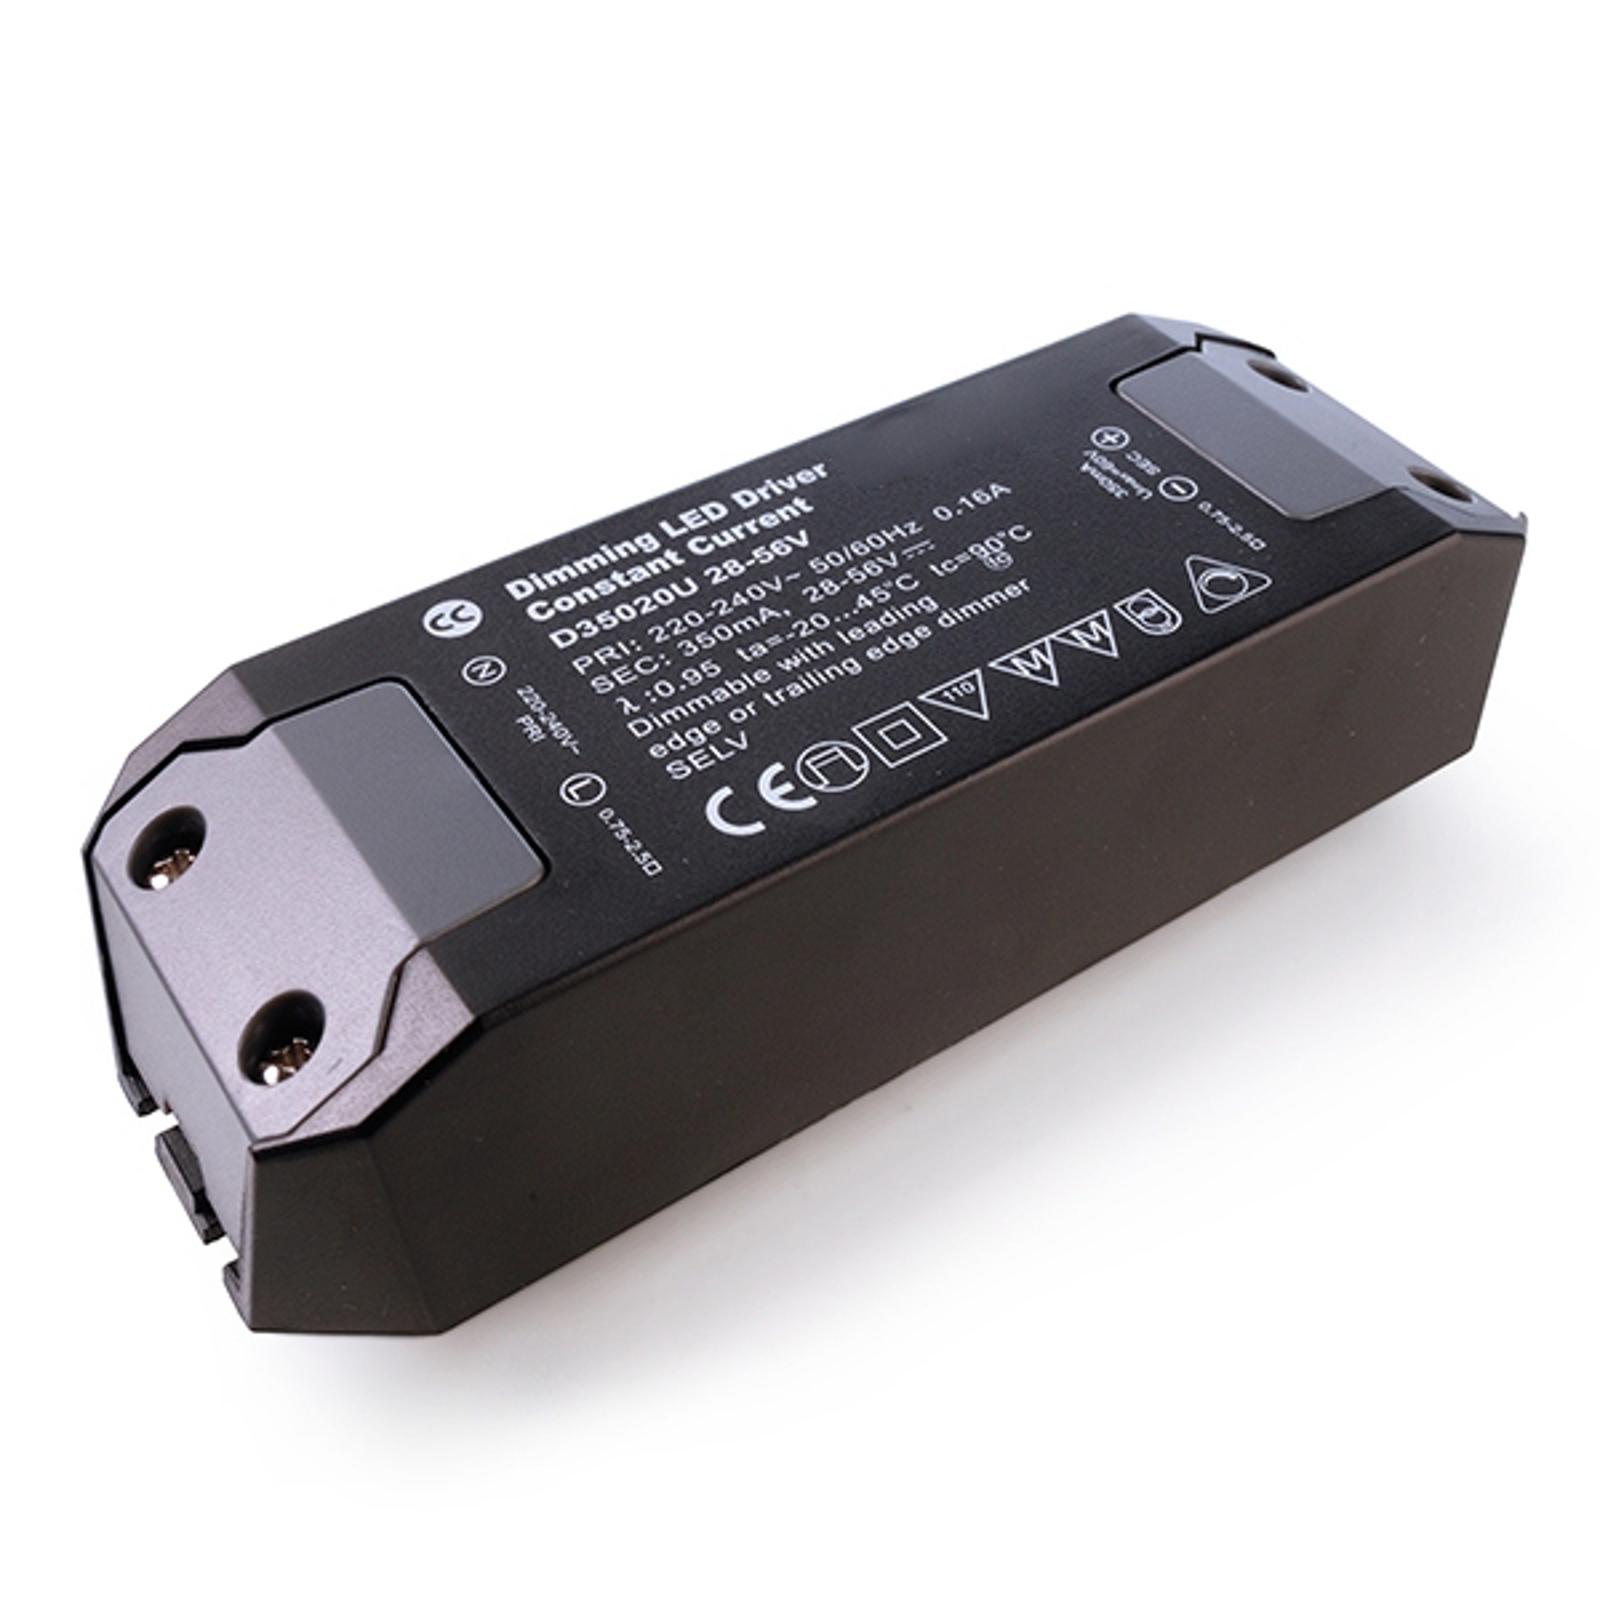 Dimmbares Netzgerät LED 350mA f. COB95 20W